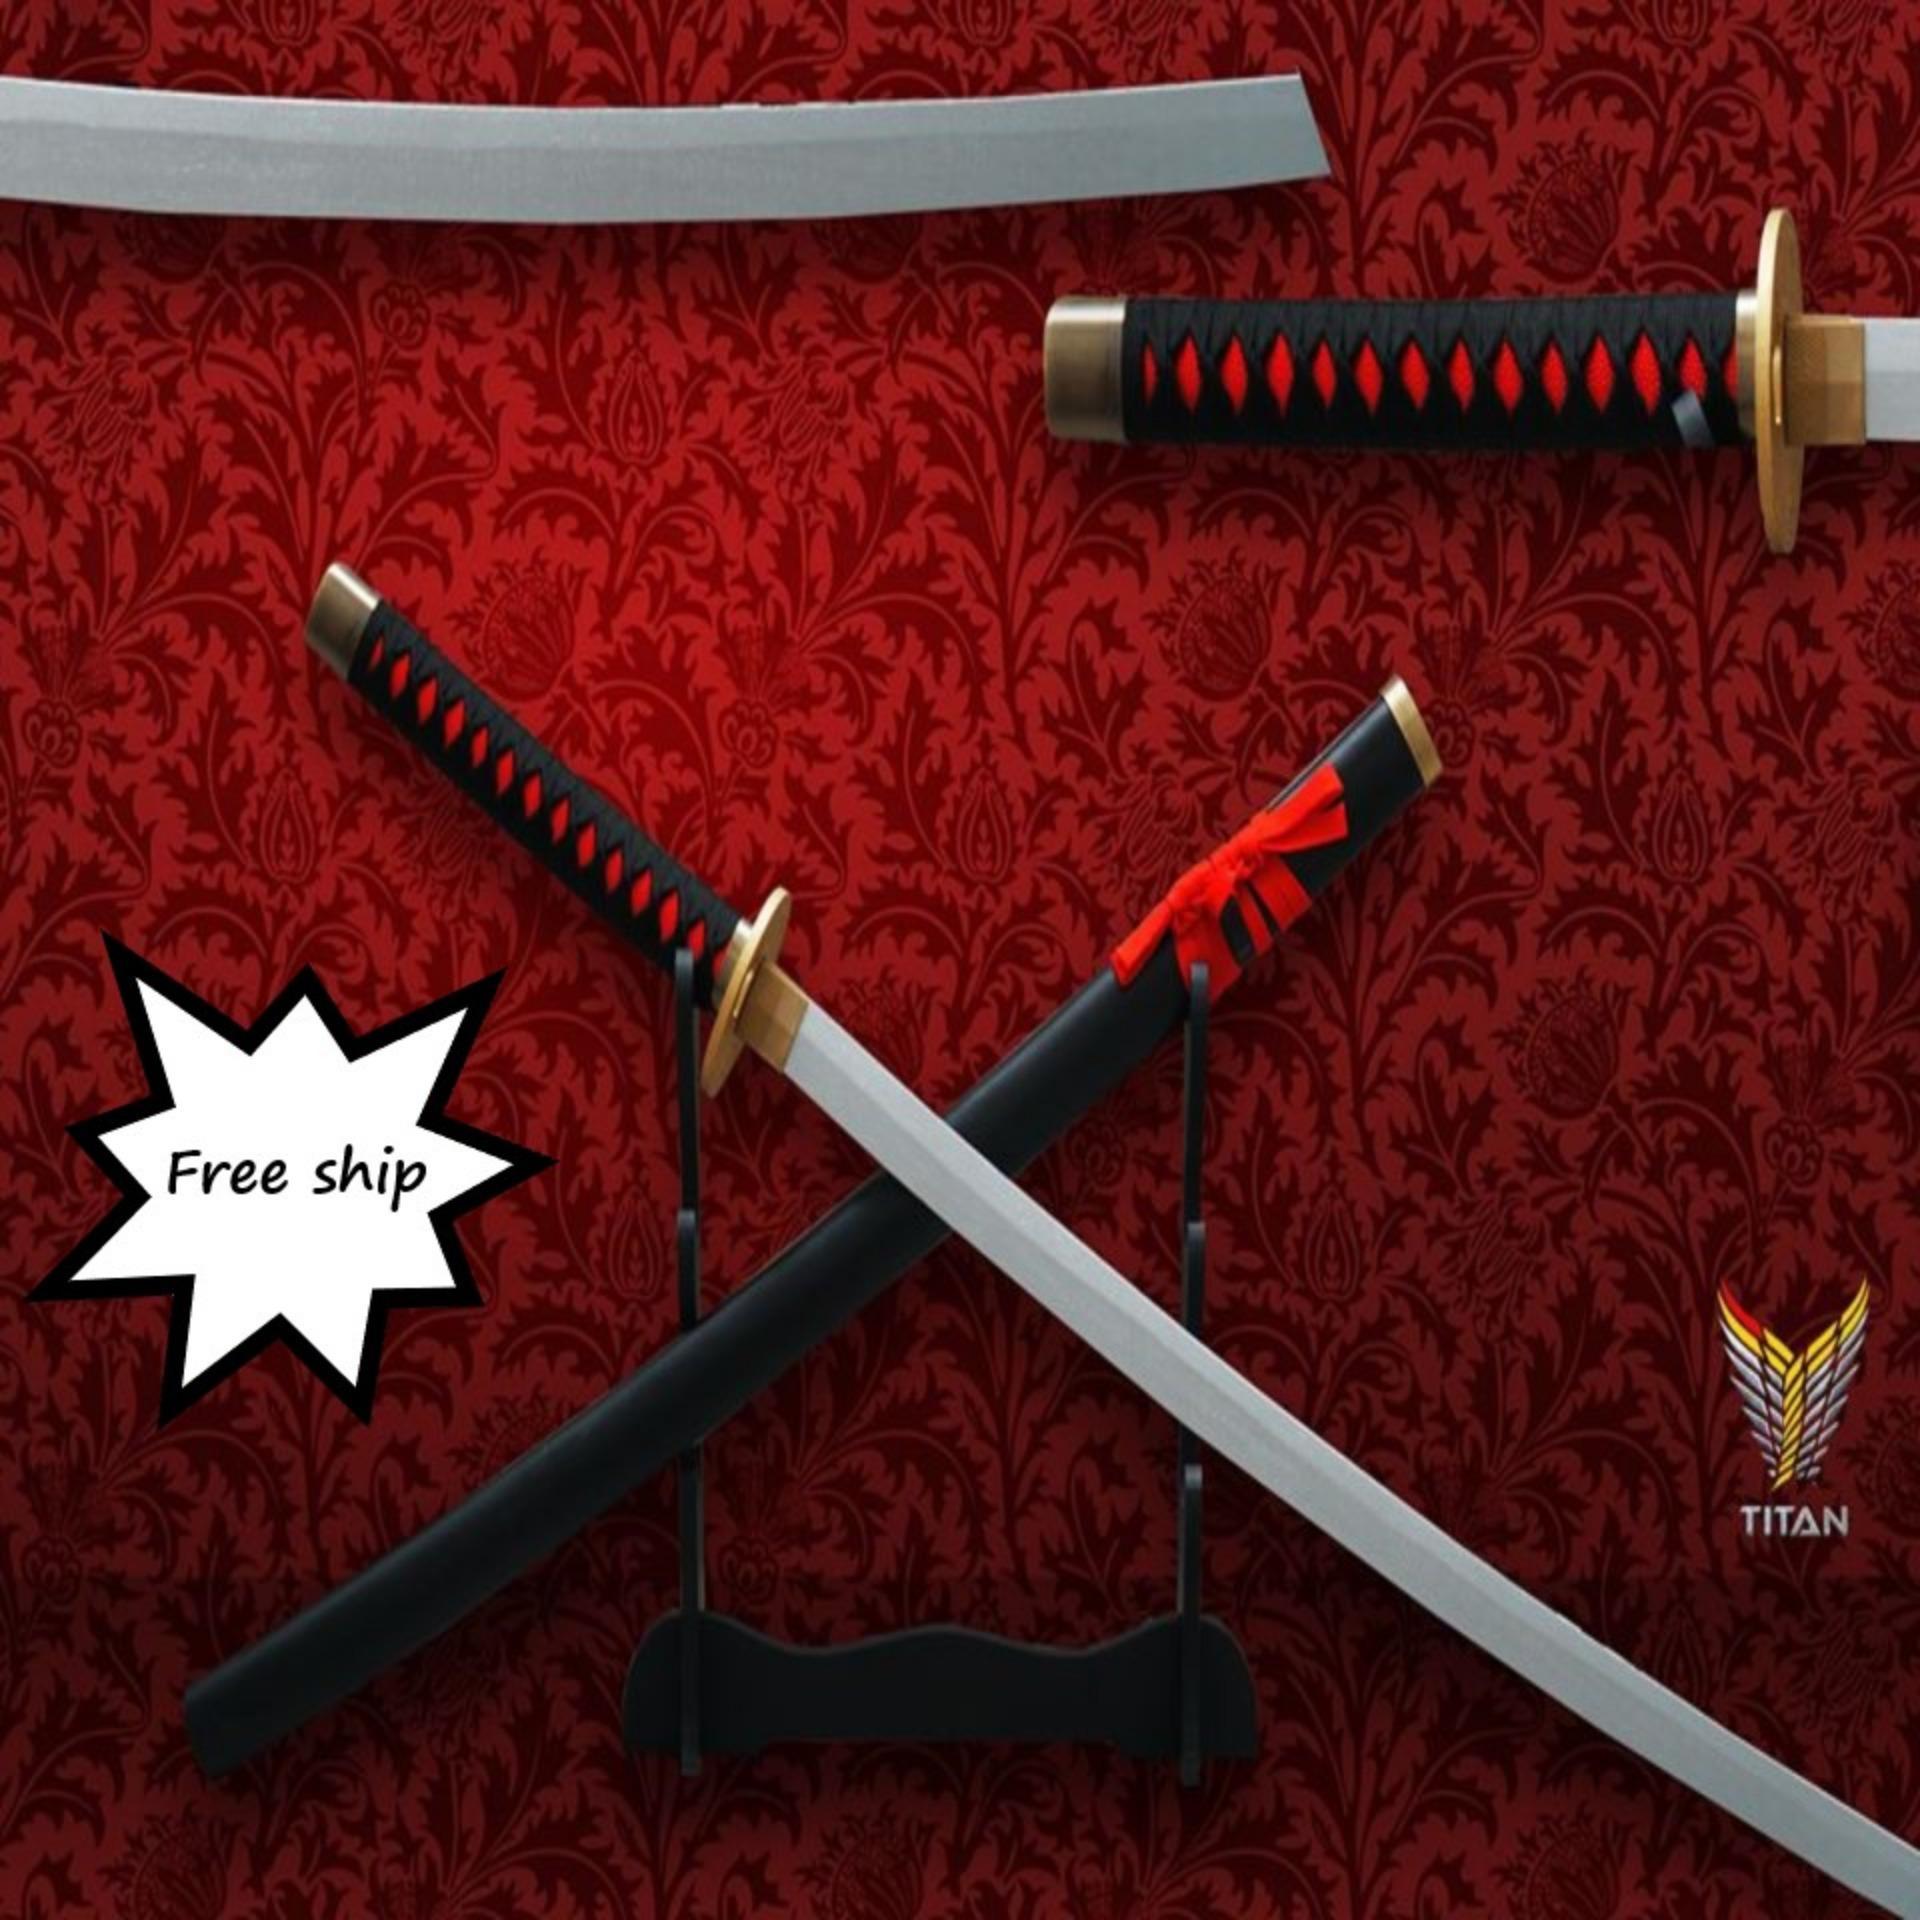 Hình ảnh [MIỄN PHÍ VẬN CHUYỂN] Kiếm gỗ katana đen đỏ lưỡi bạc